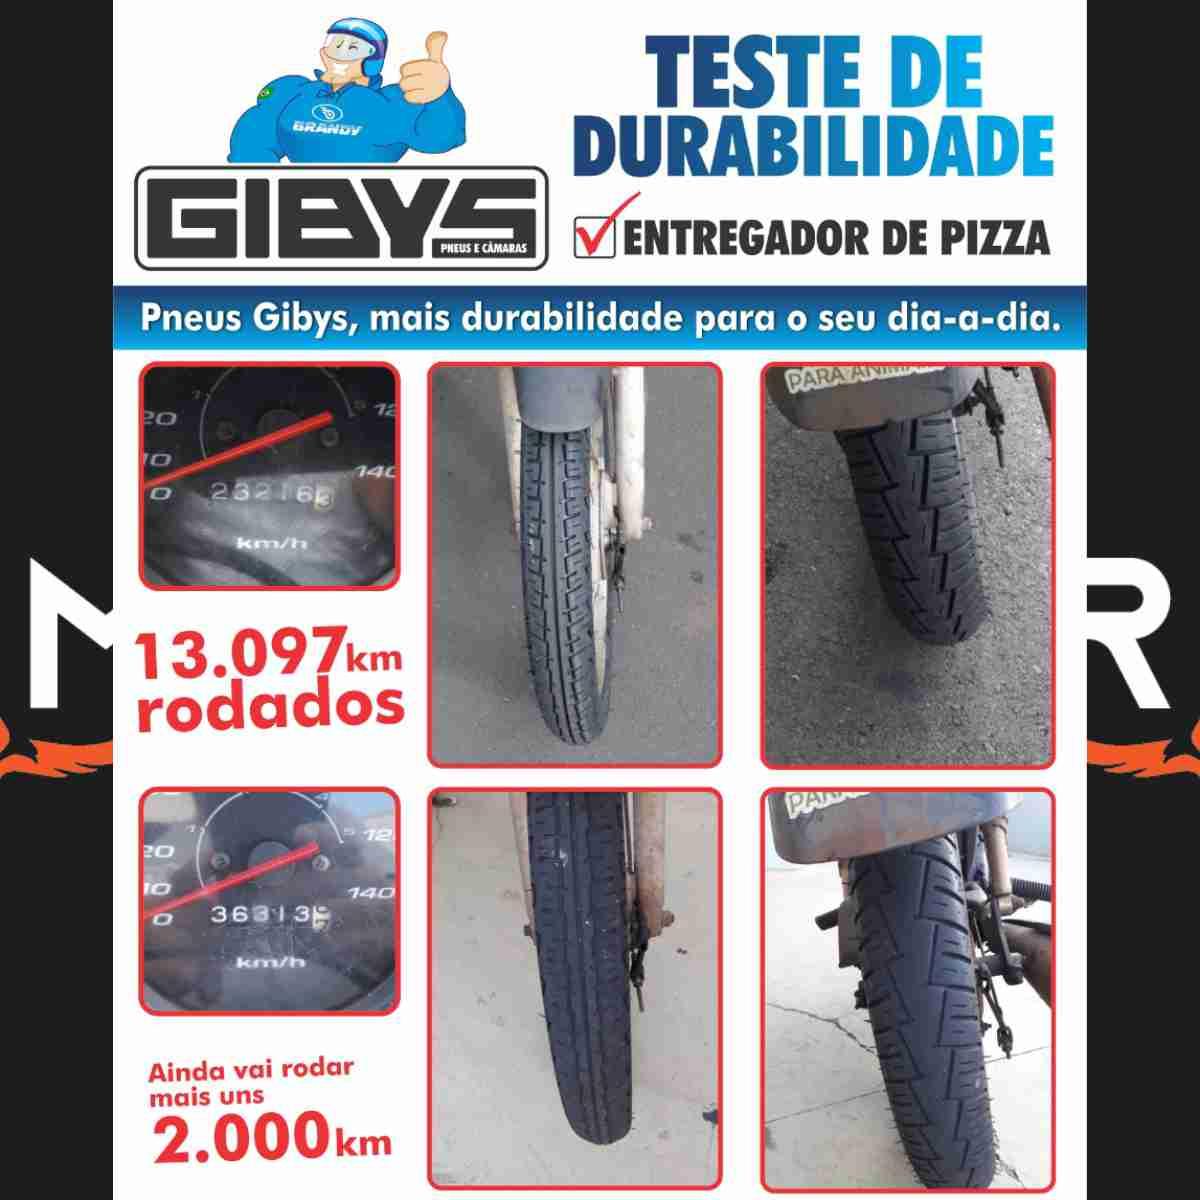 PNEU DE MOTO BRANDY GIBYS BYCITY3 DIANTEIRO 60/100-17 33L USO COM CÂMARA